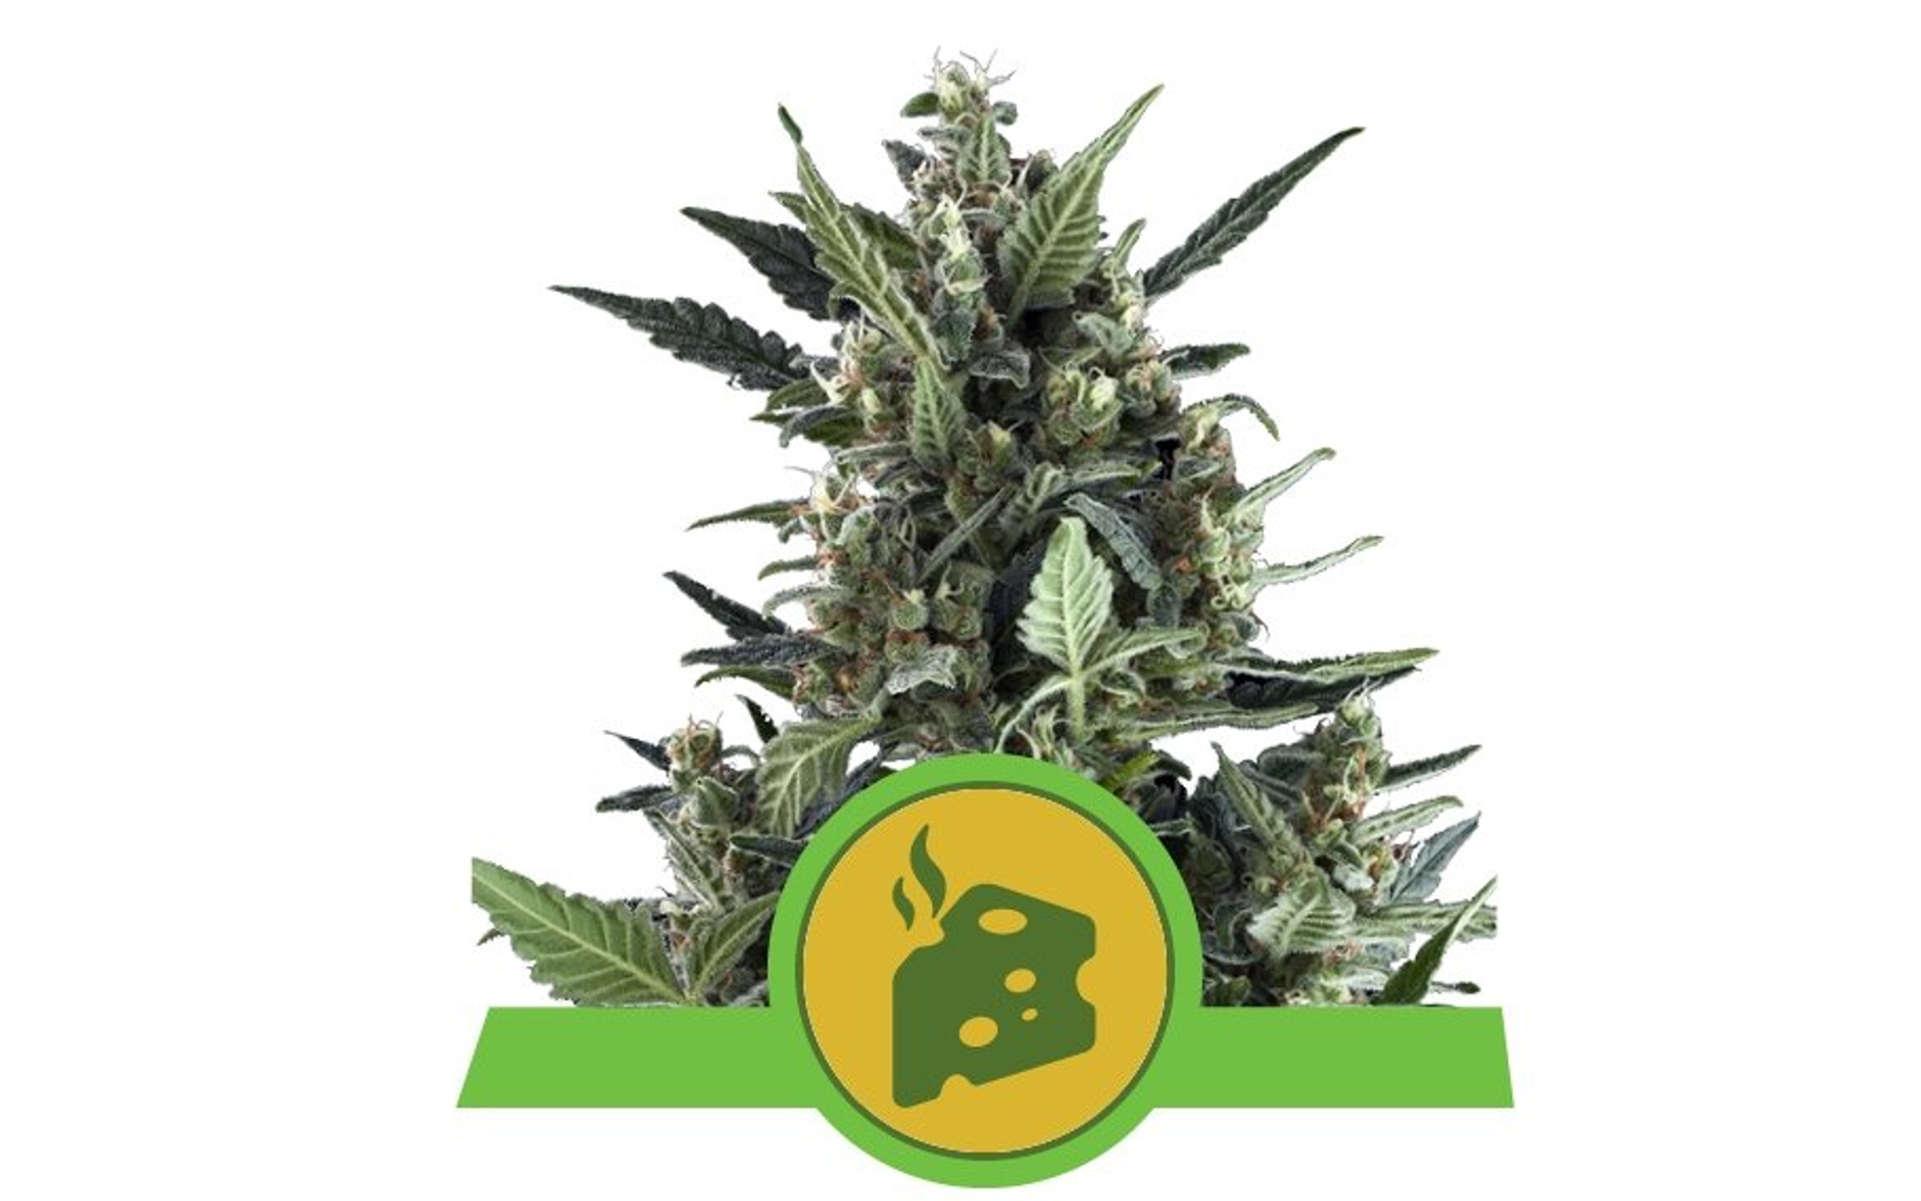 Blue Cheese najlepsza odmiana marihuany